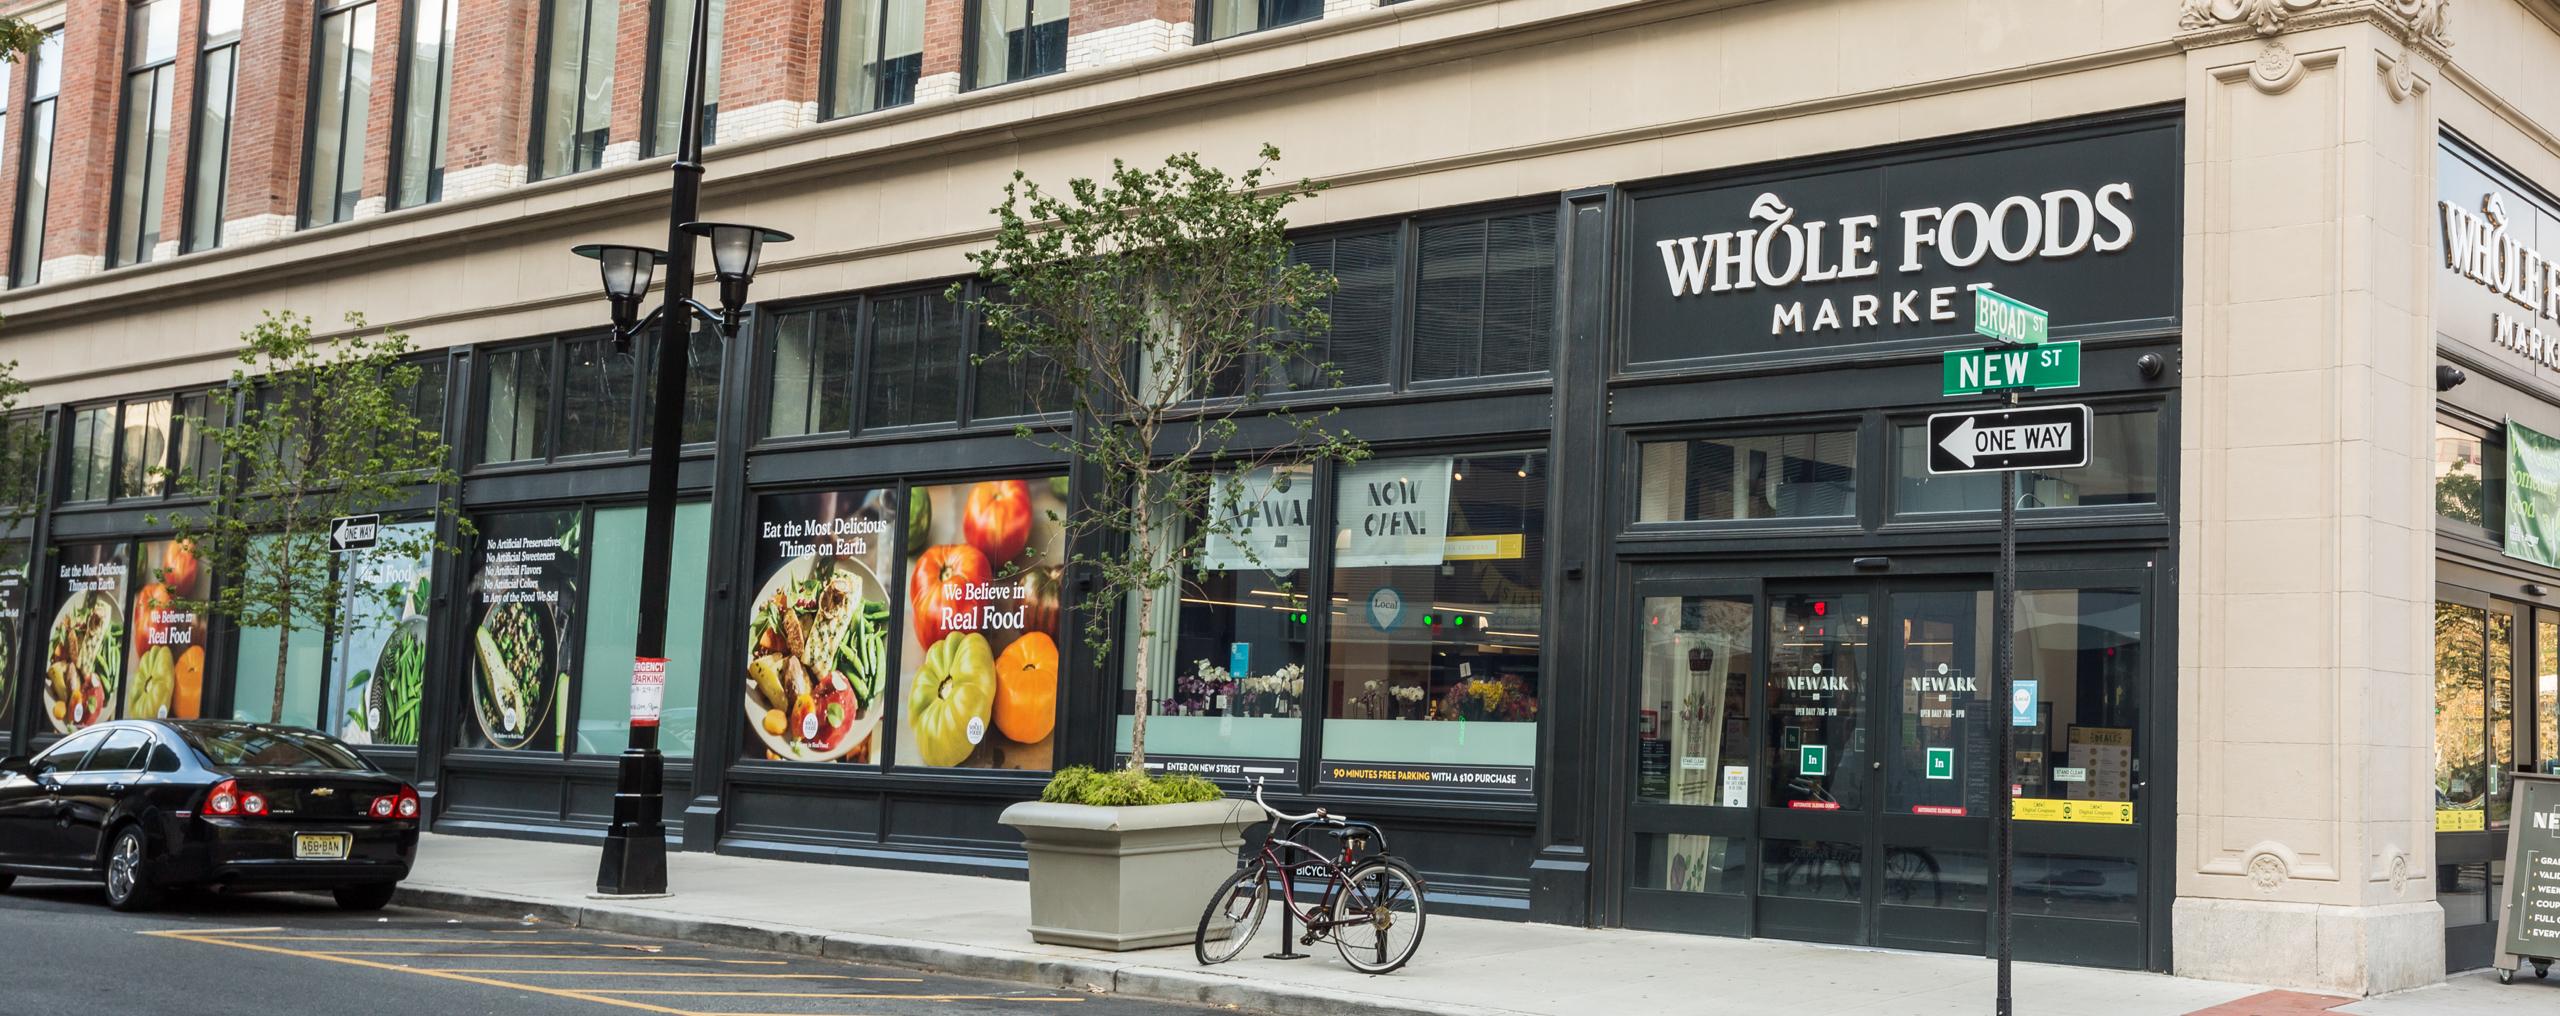 wholefoods markent in newark nj